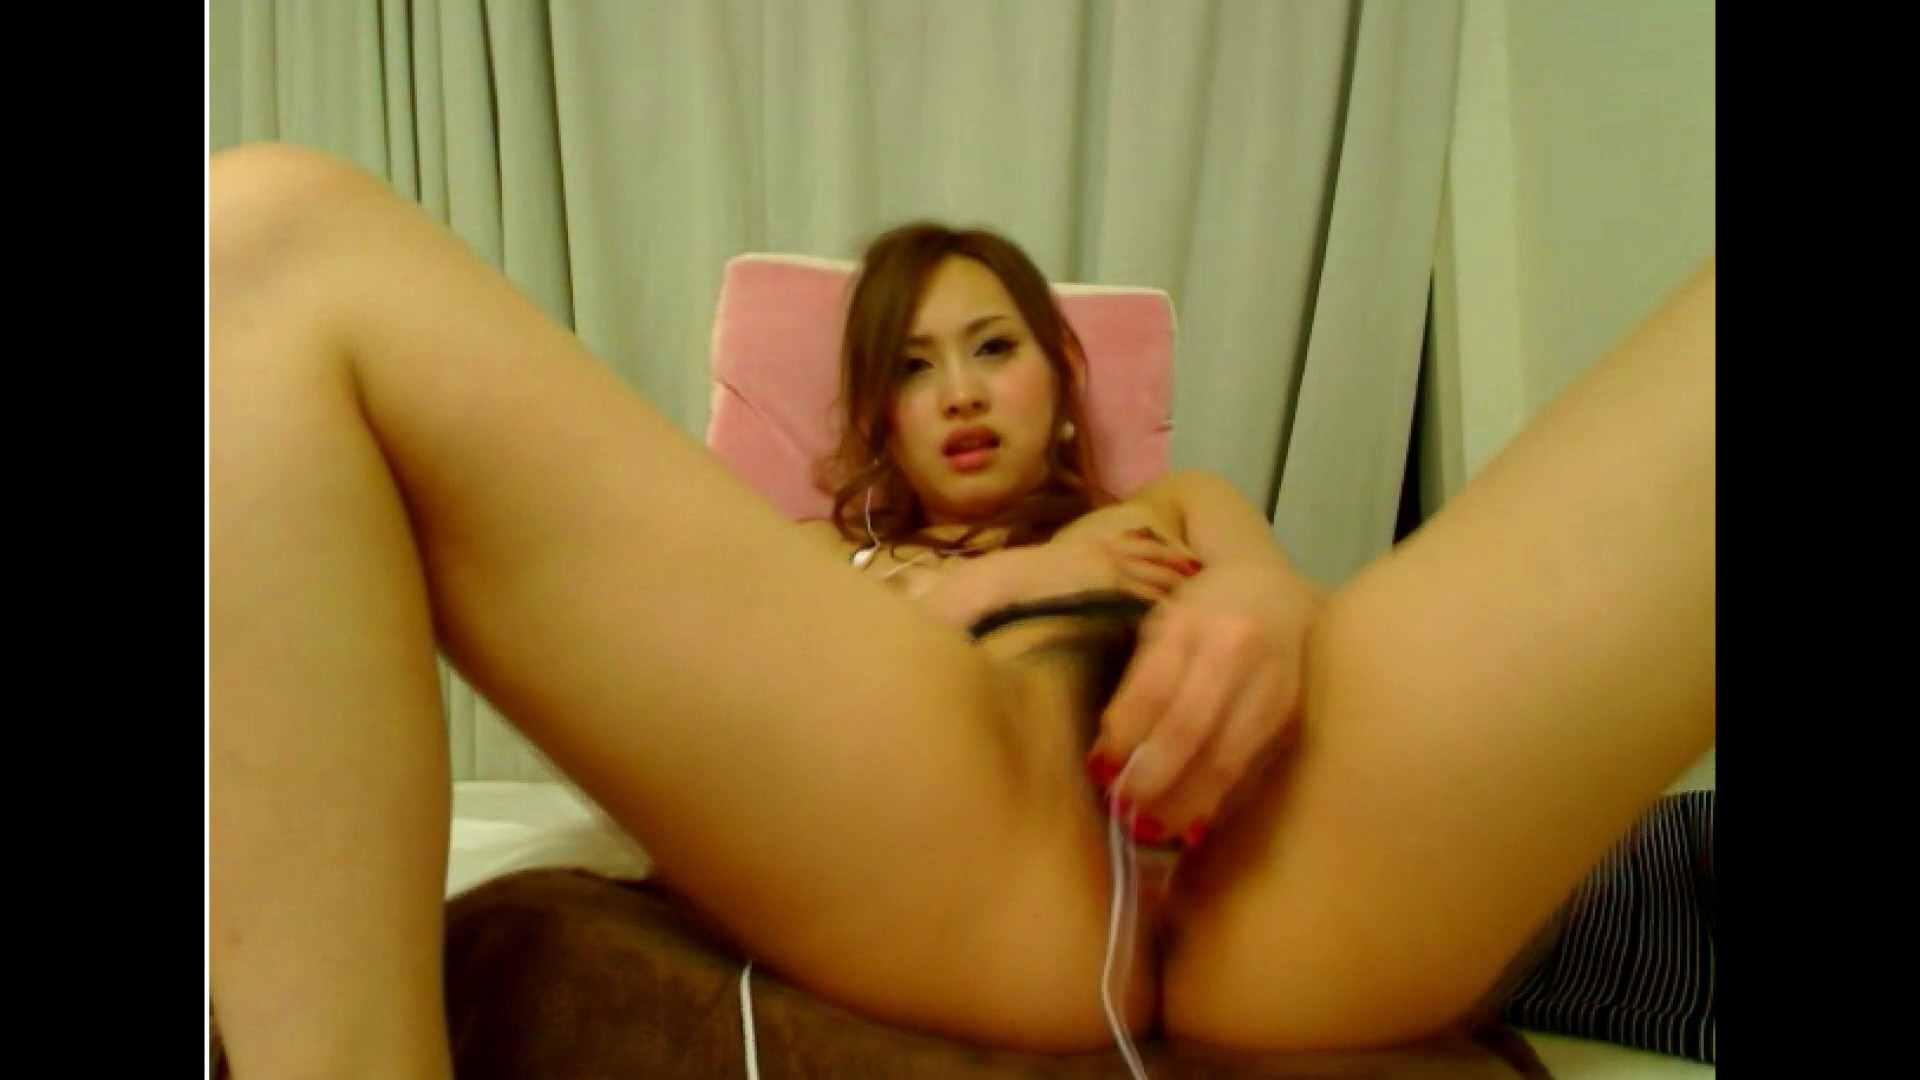 感じちゃってる!おもちゃでオナニー Vol.02 S級美女ギャル  76画像 3